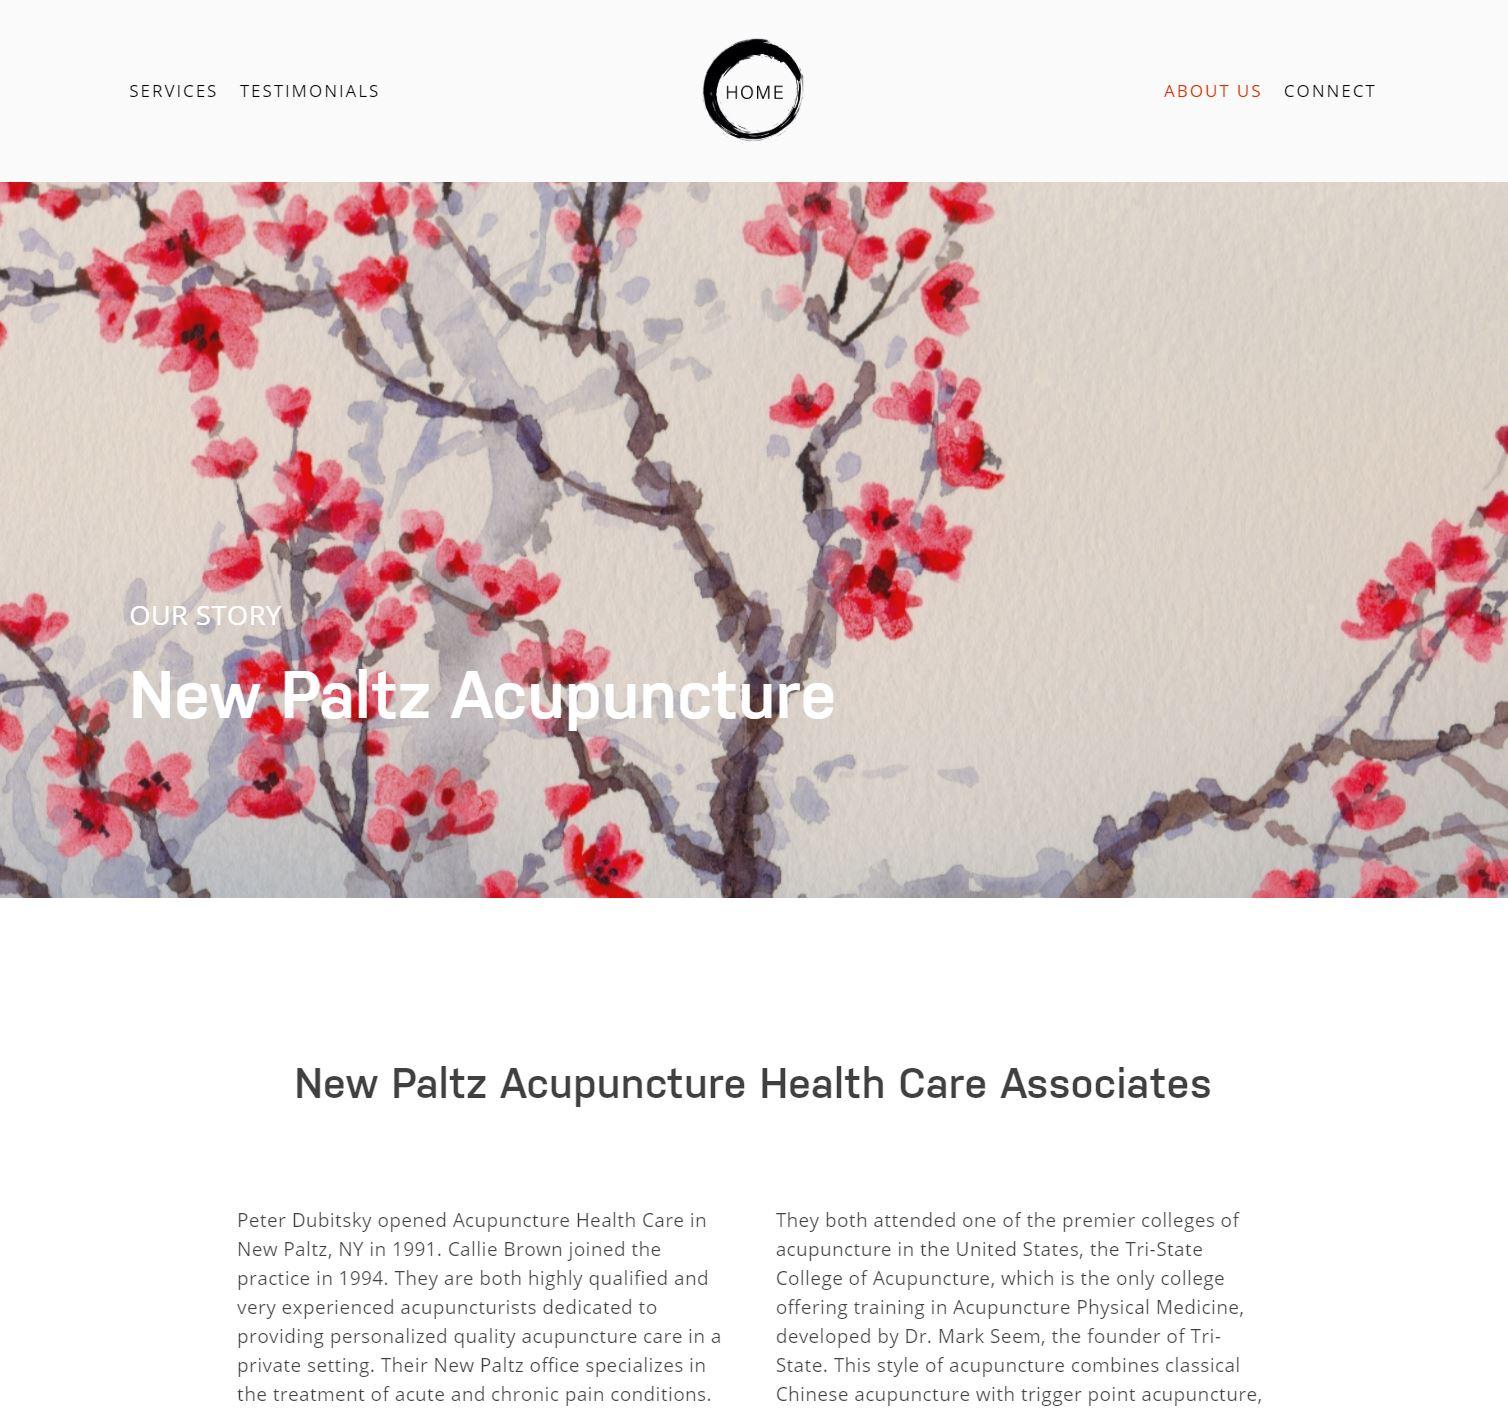 newpaltz-acupuncture-website2.JPG